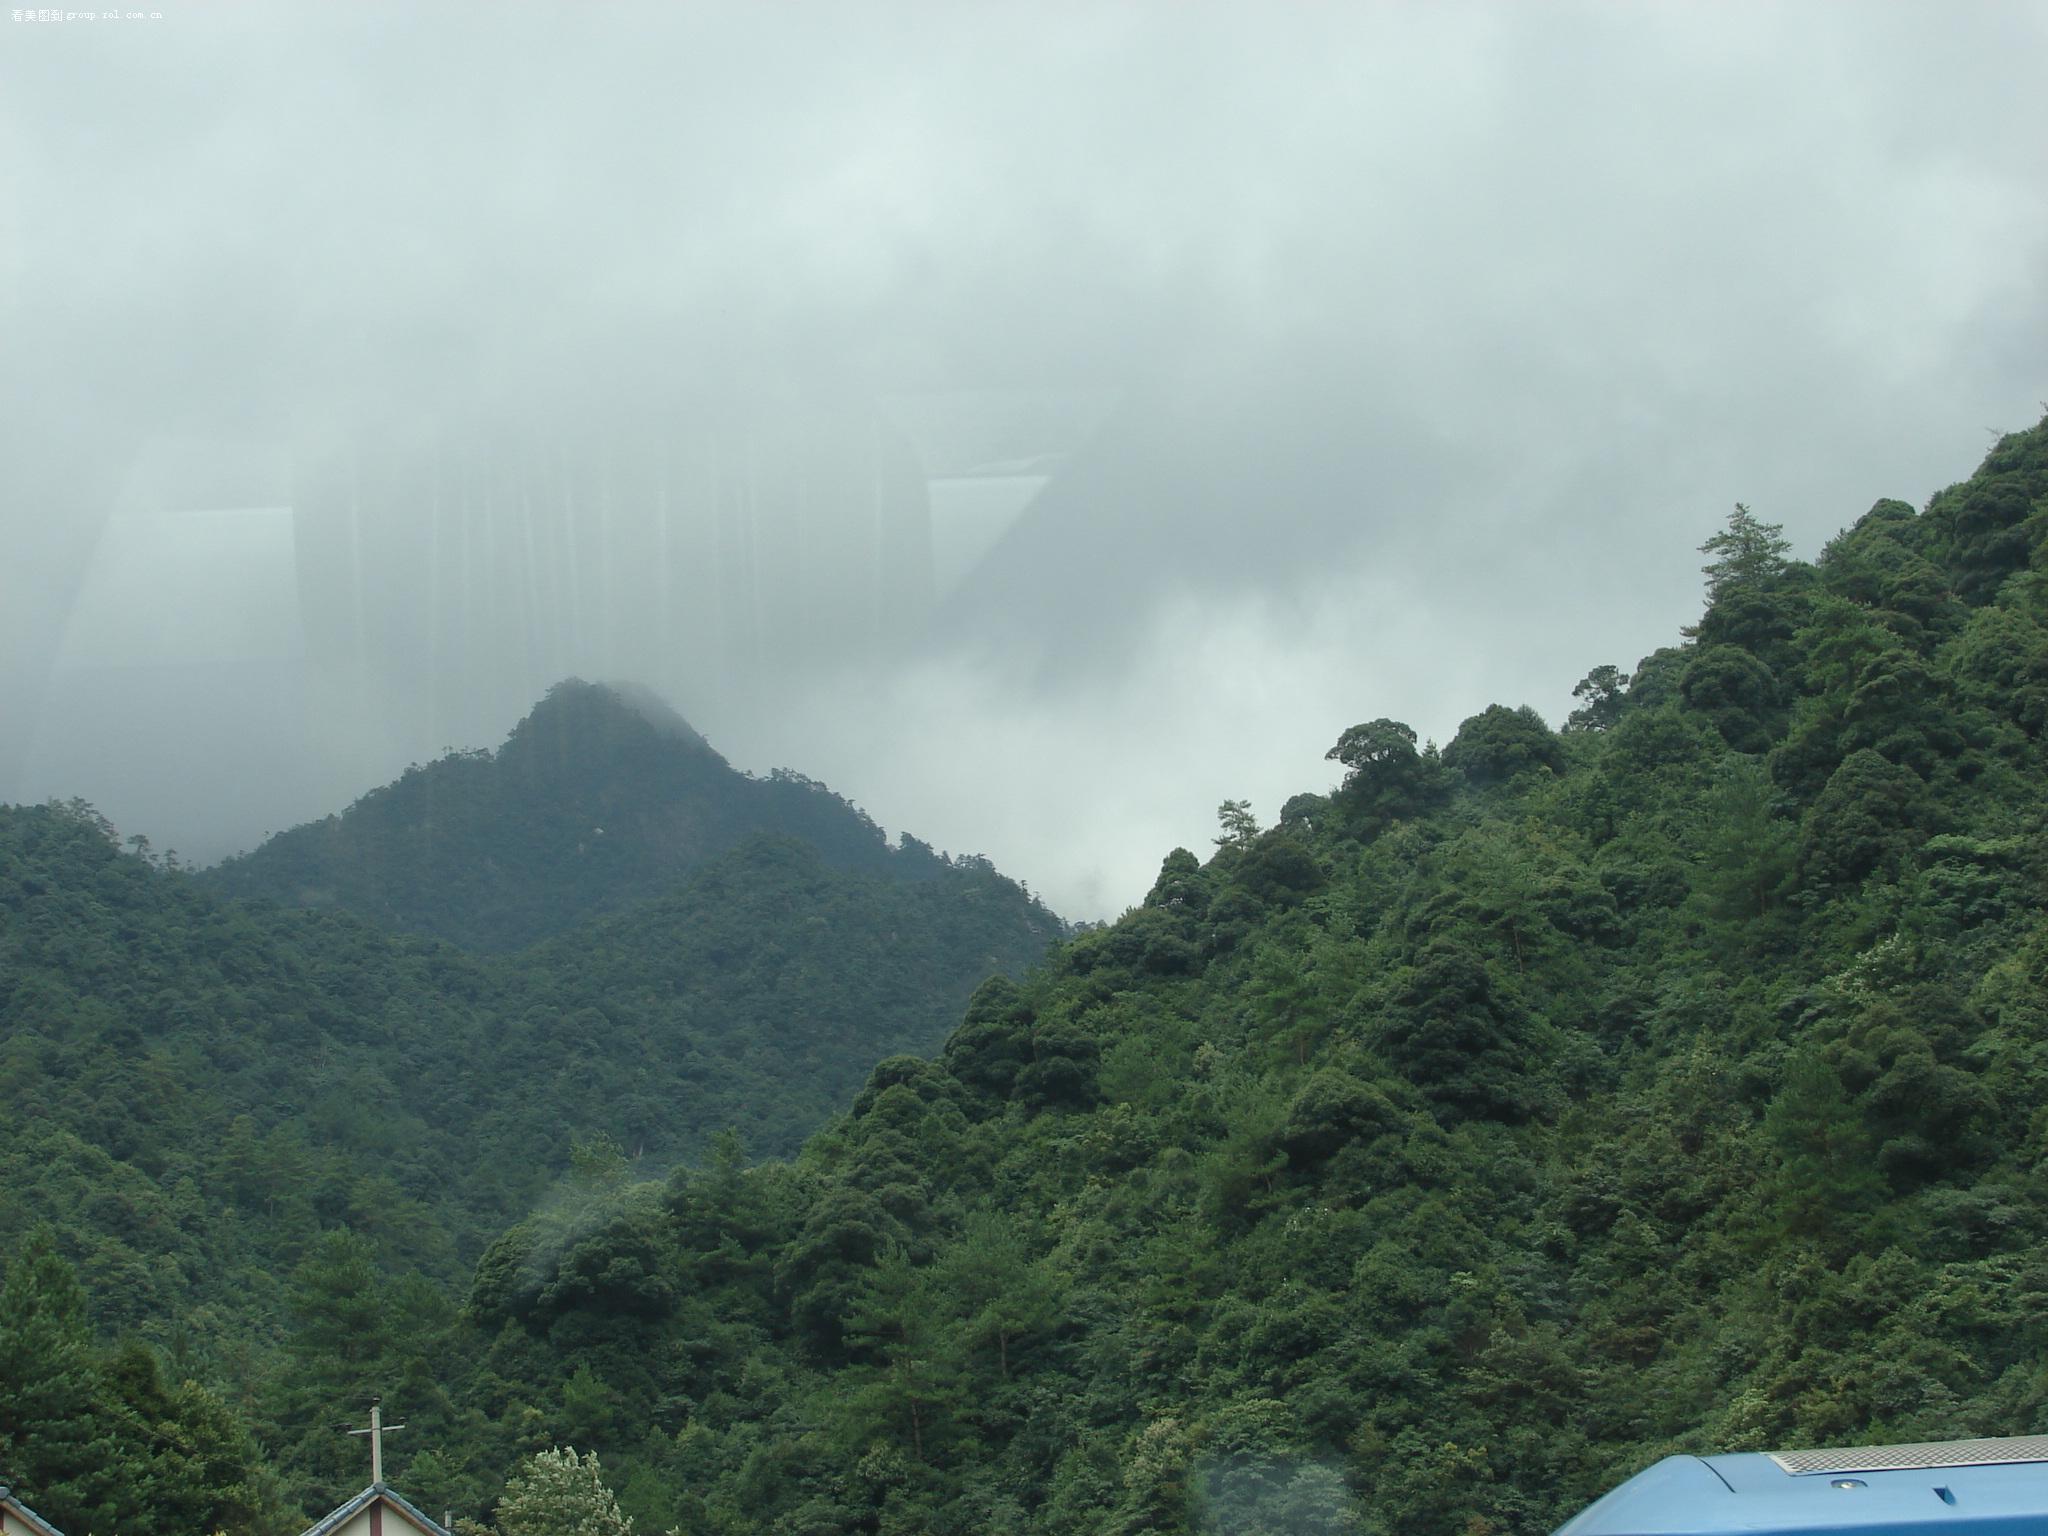 浙江的山重重叠叠